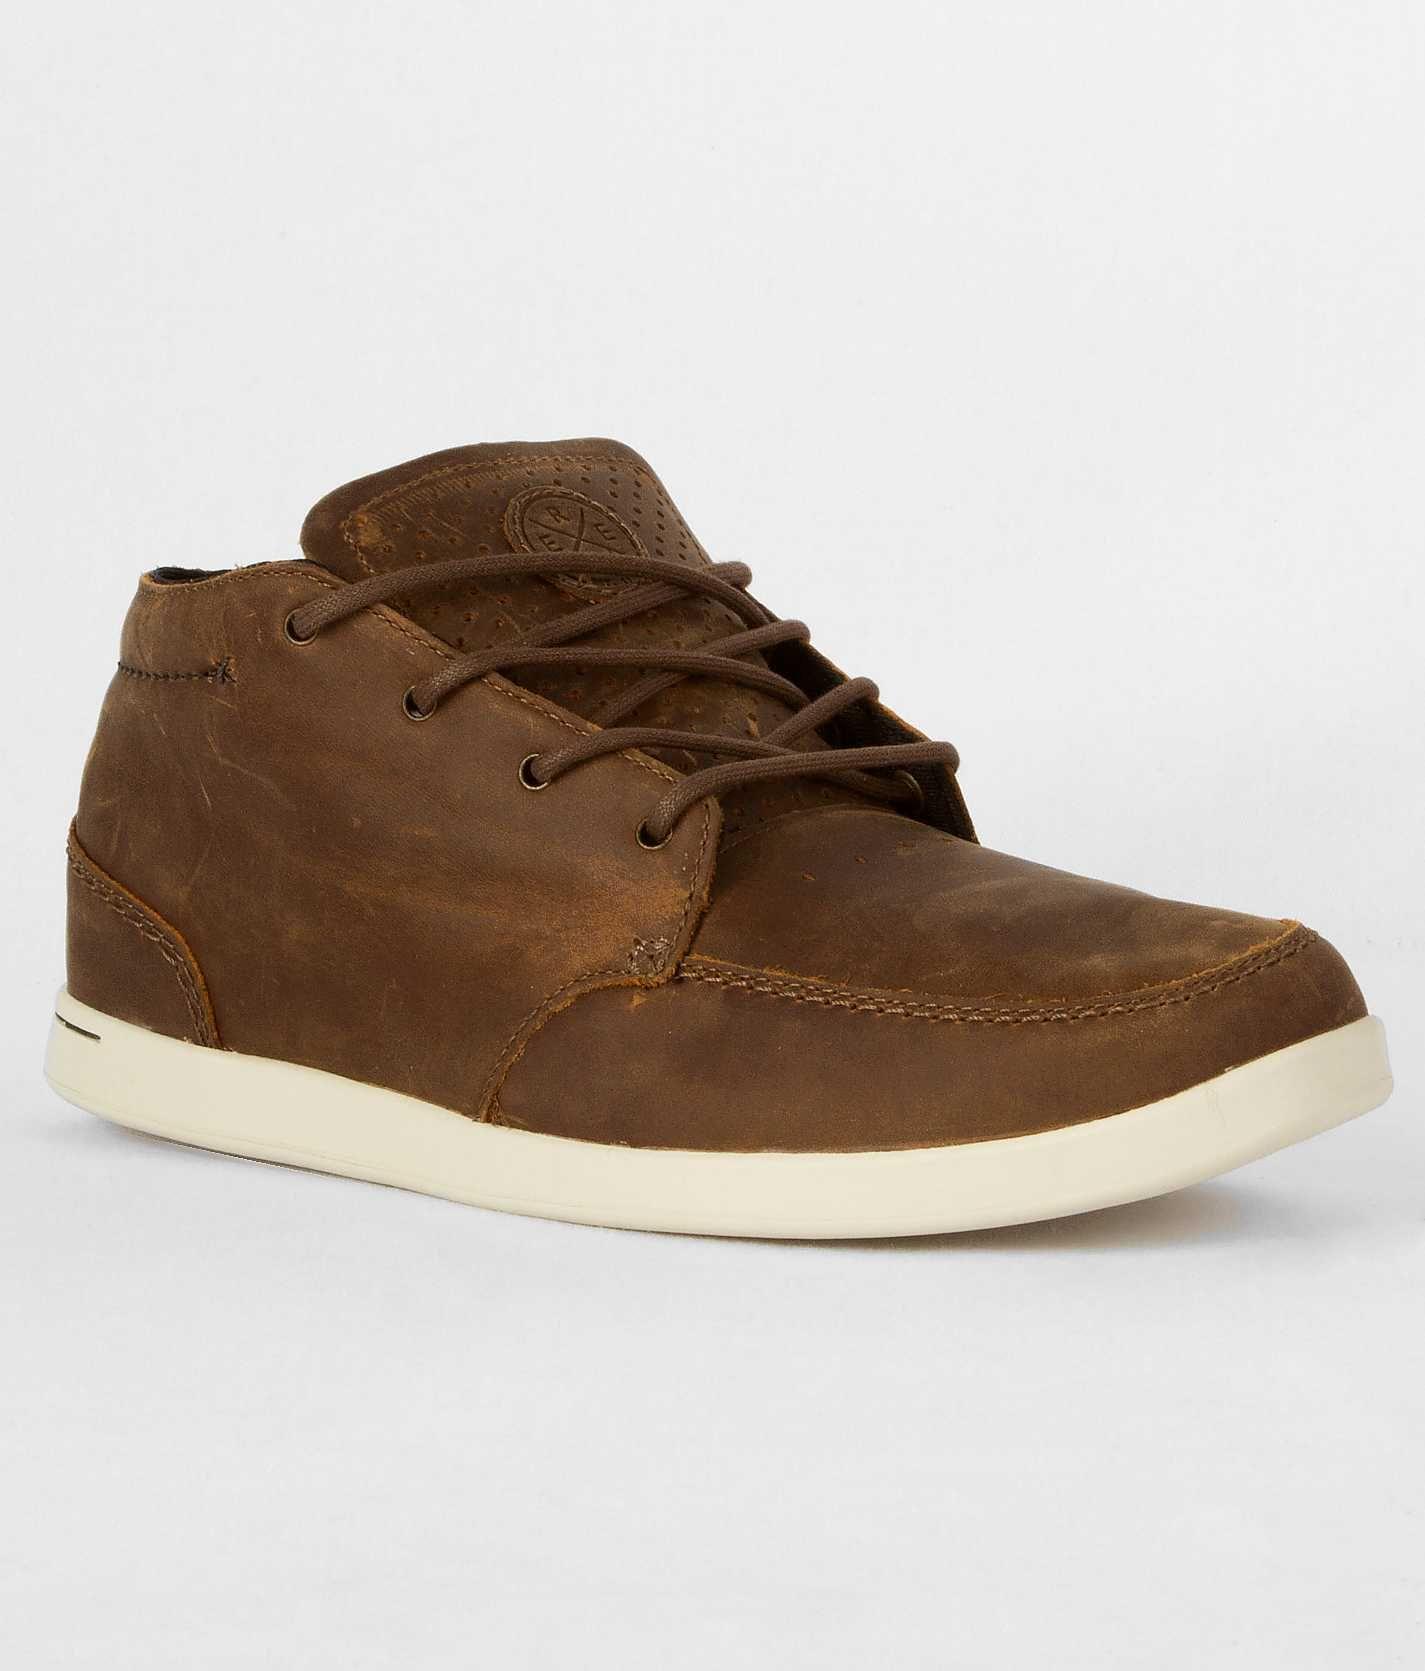 abefc60ec6 Reef Spiniker Shoe - Men s Shoes